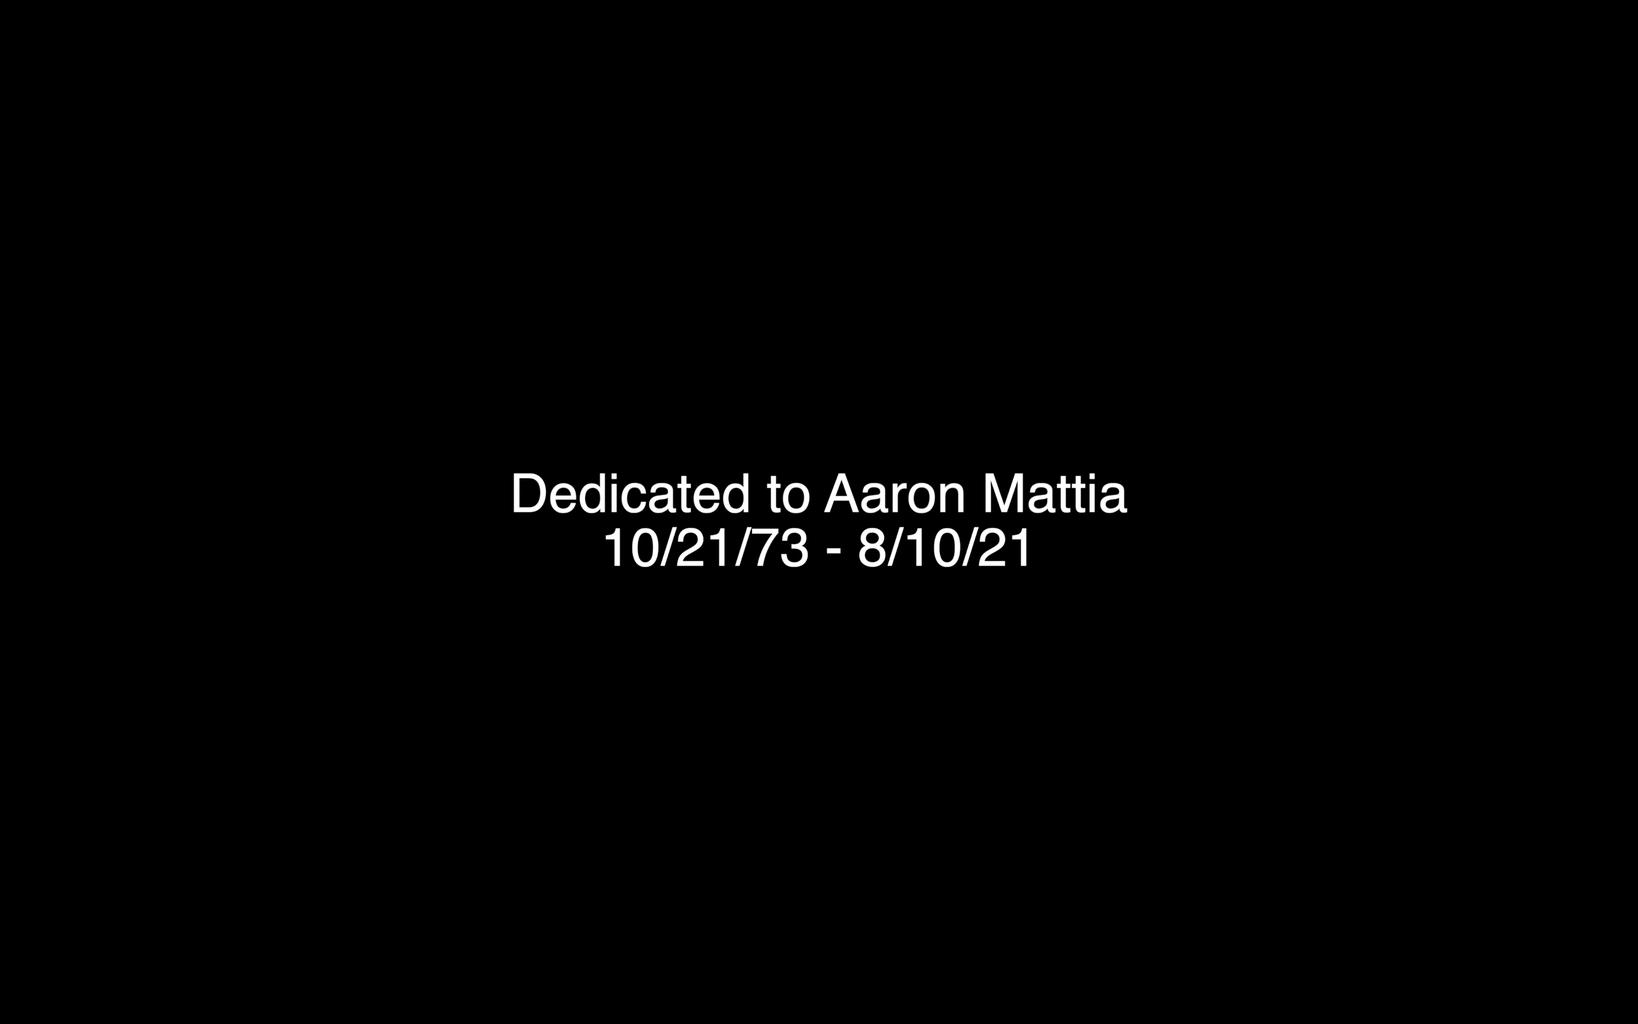 Aaron Mattia